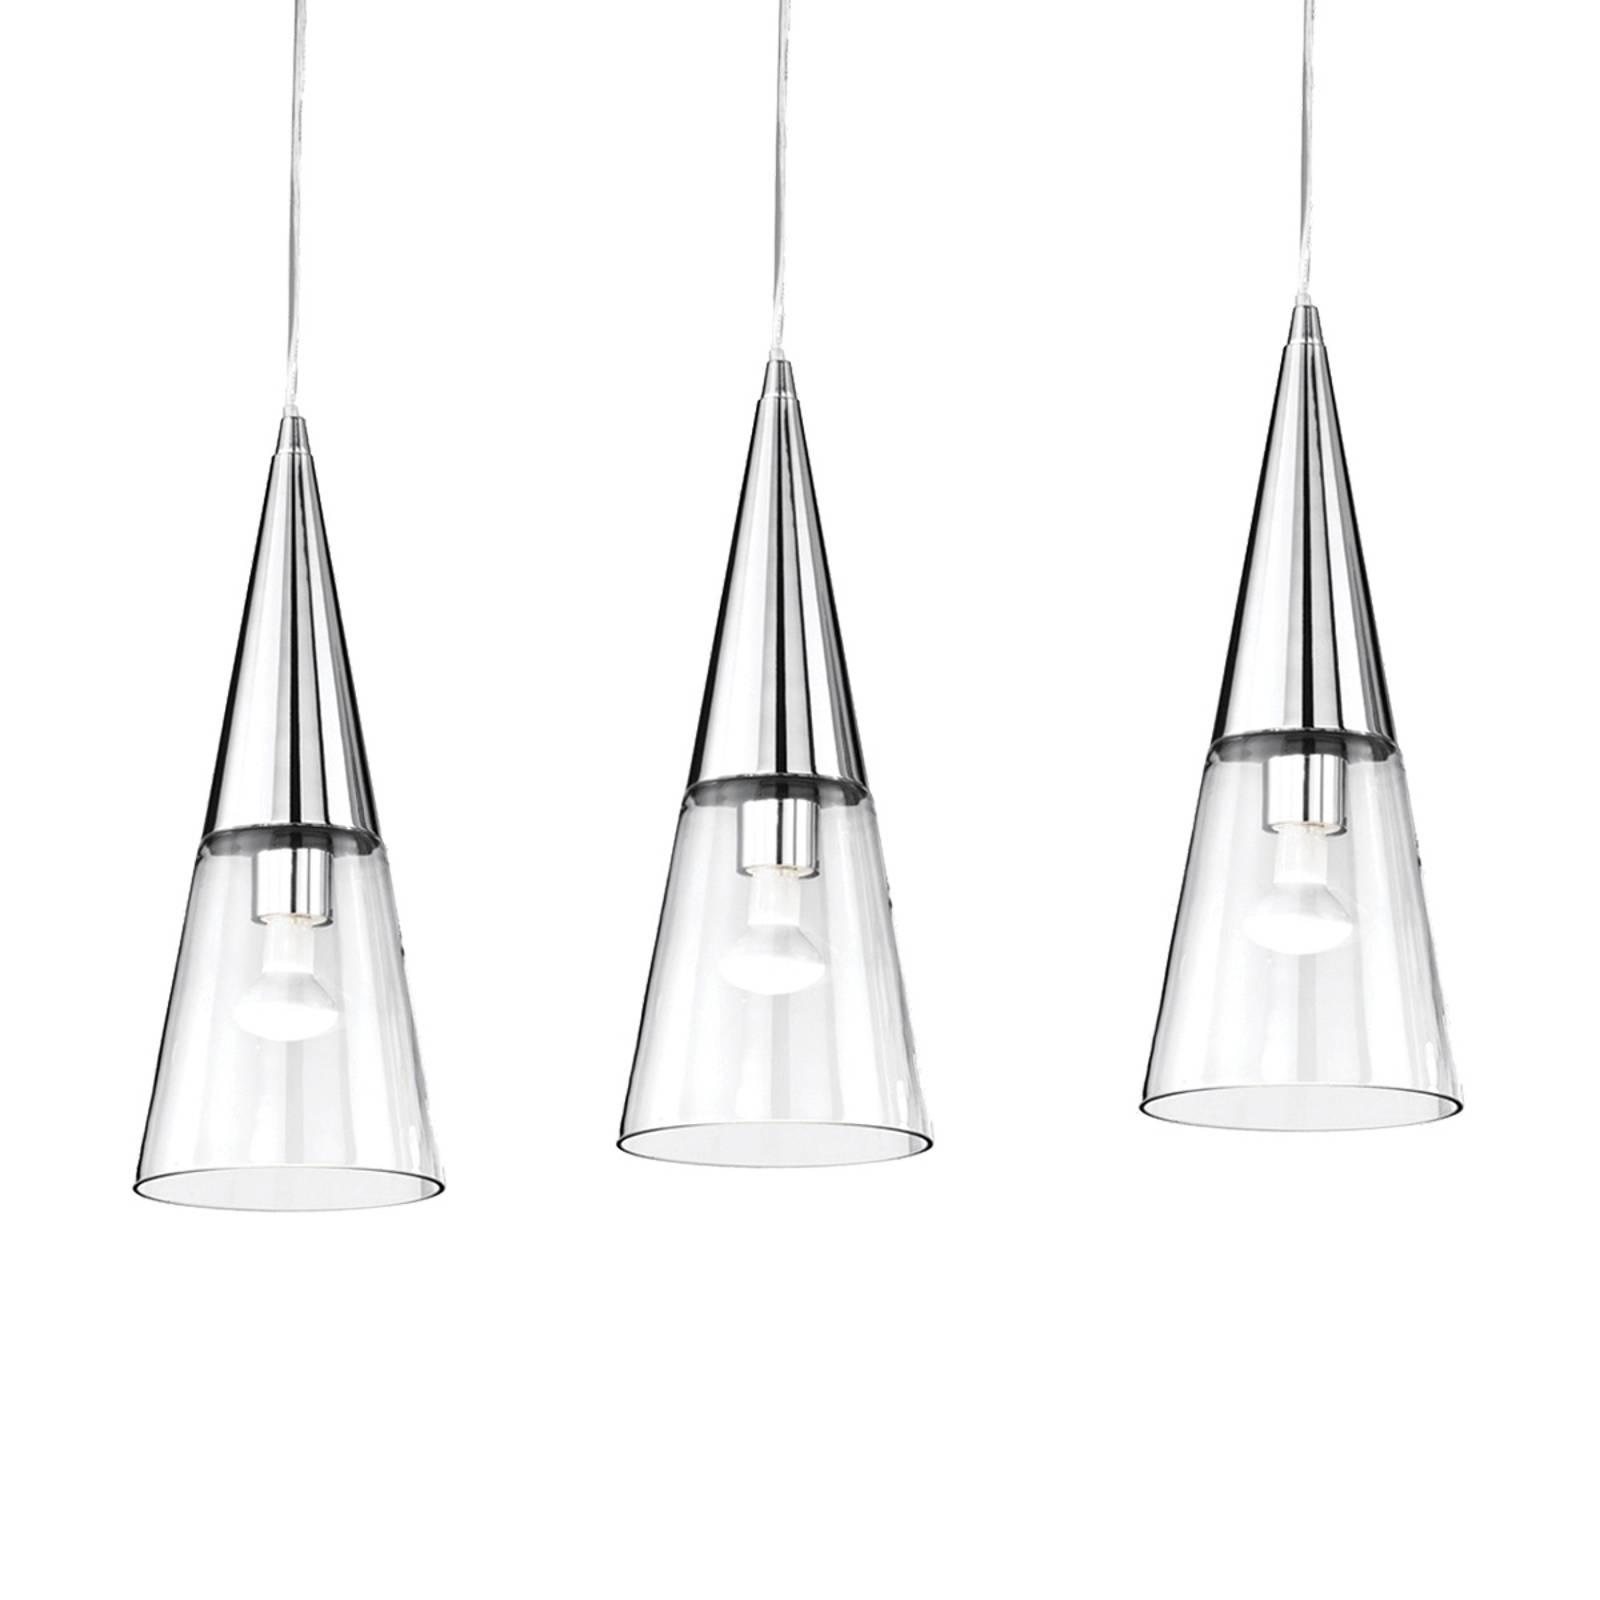 Riippuvalo Cono 3-lamppuinen kromi/läpinäkyvä